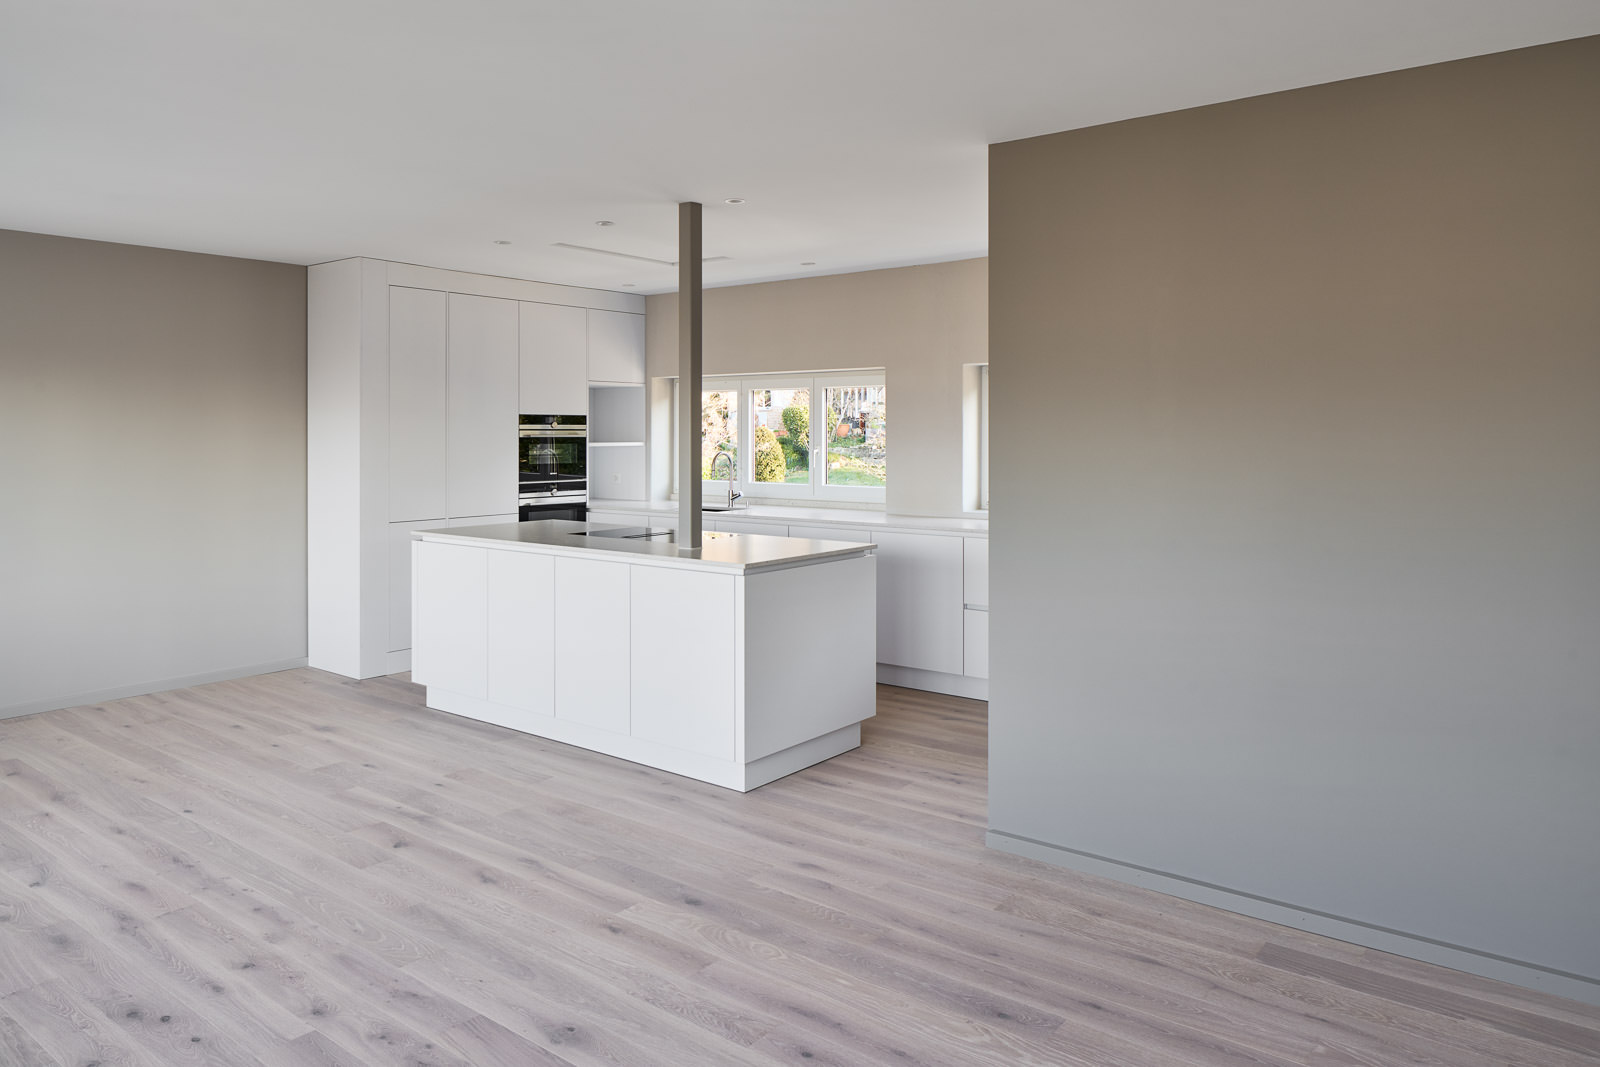 Küche Innenausbau, Immobilienfotos